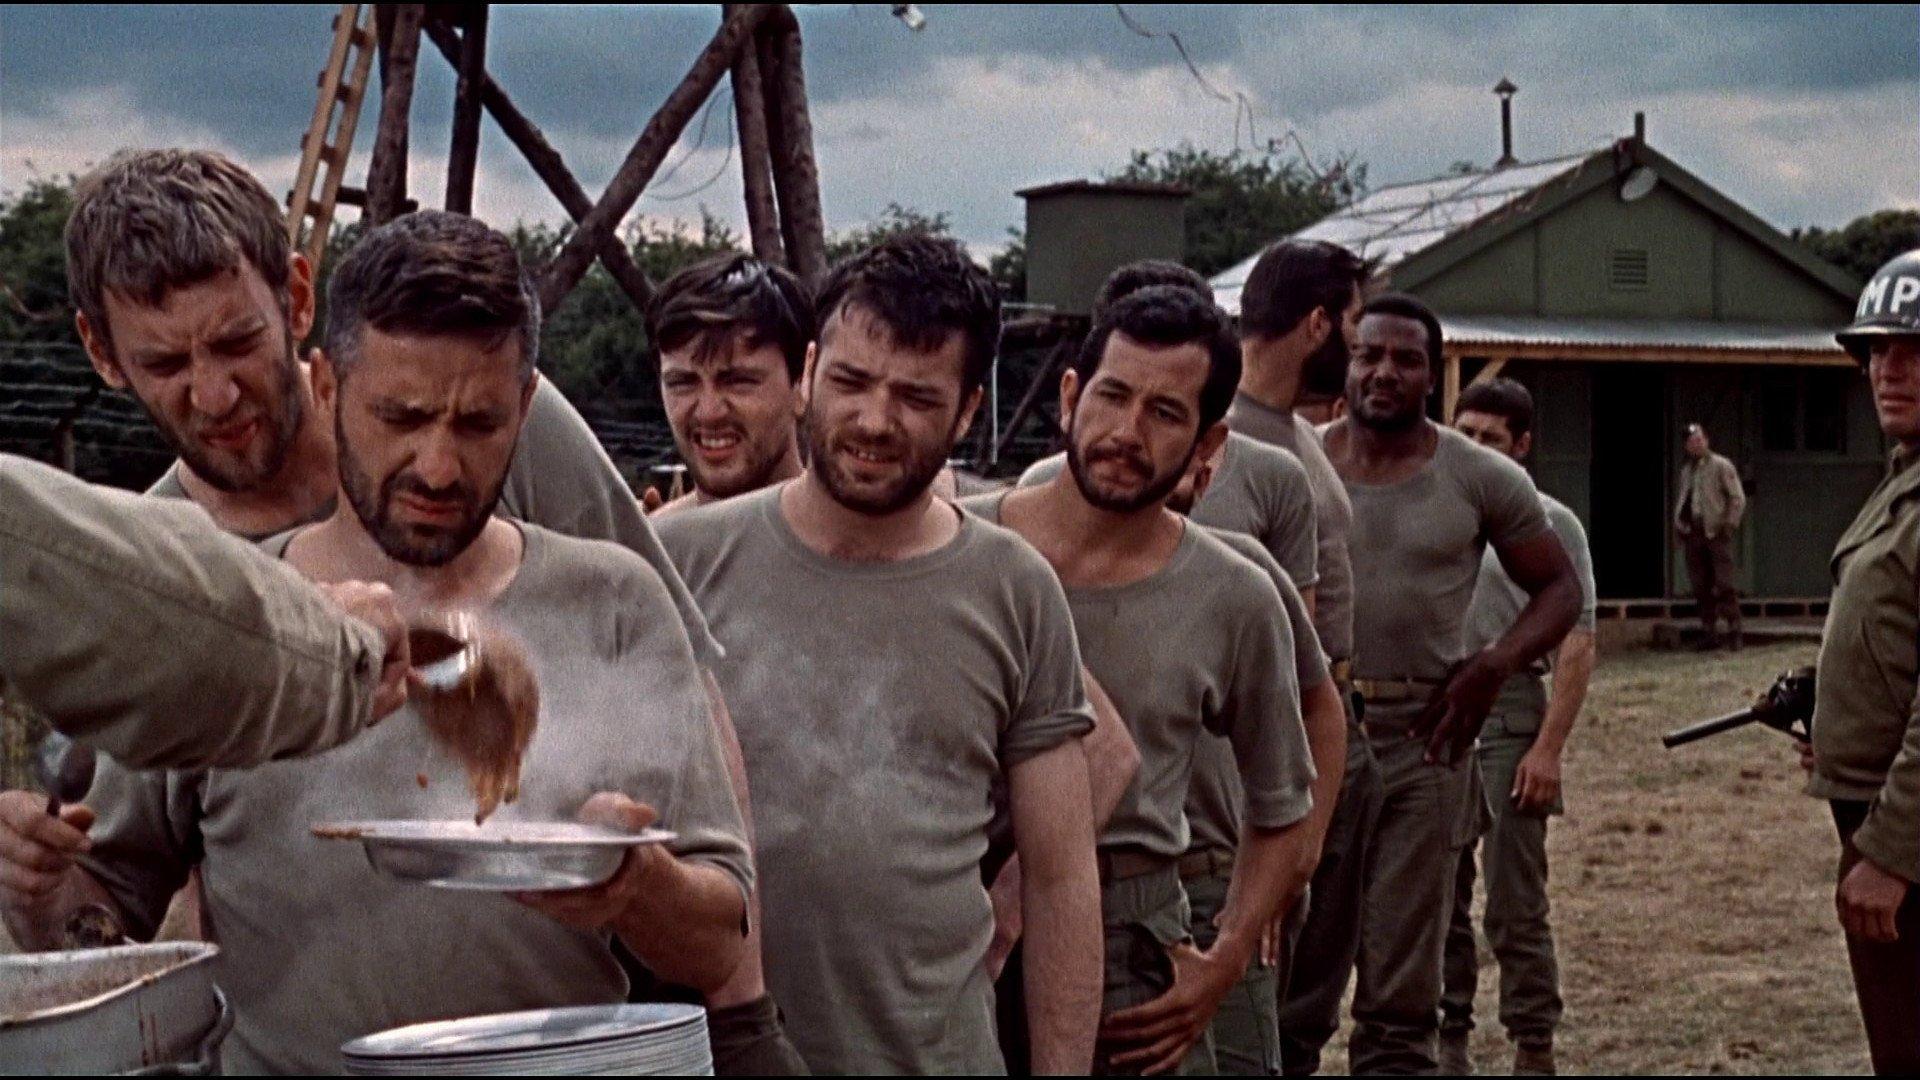 НЕОЖИДАННО. Хорошие американские фильмы про войну, о которых вы не знали. - Изображение 4